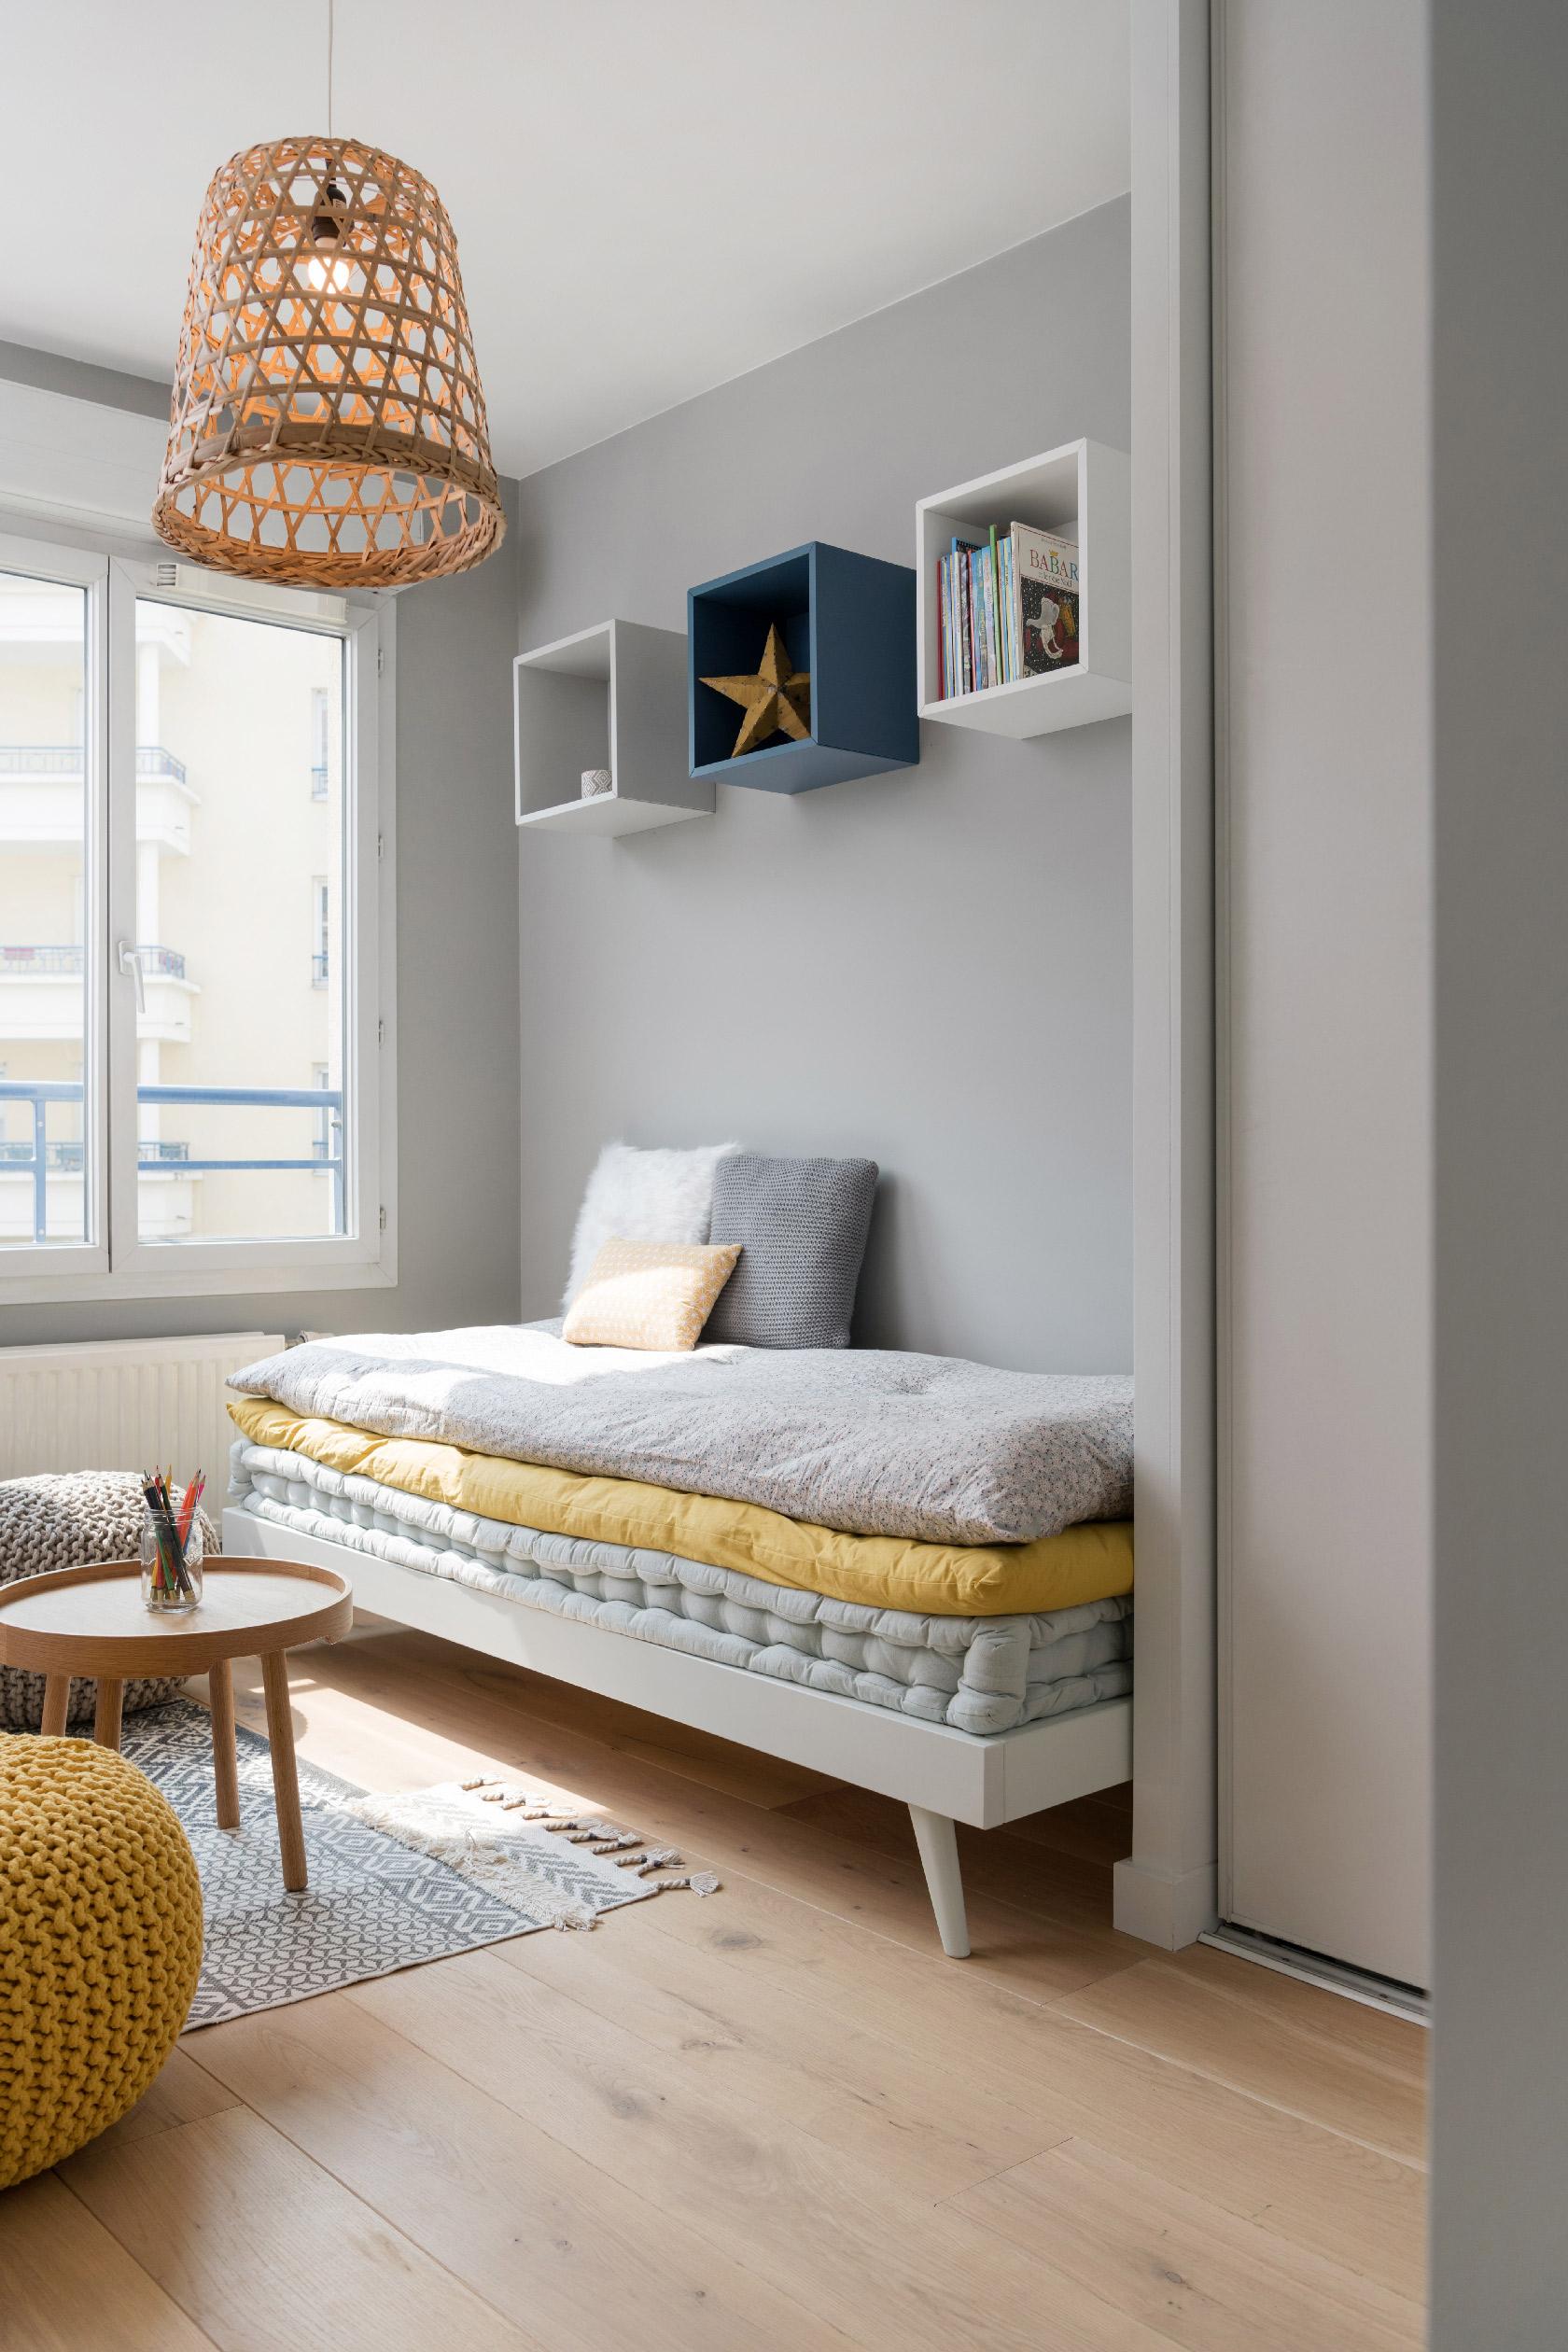 Une chambre d'enfant très bohème avec ses matelas tuftés colorés.